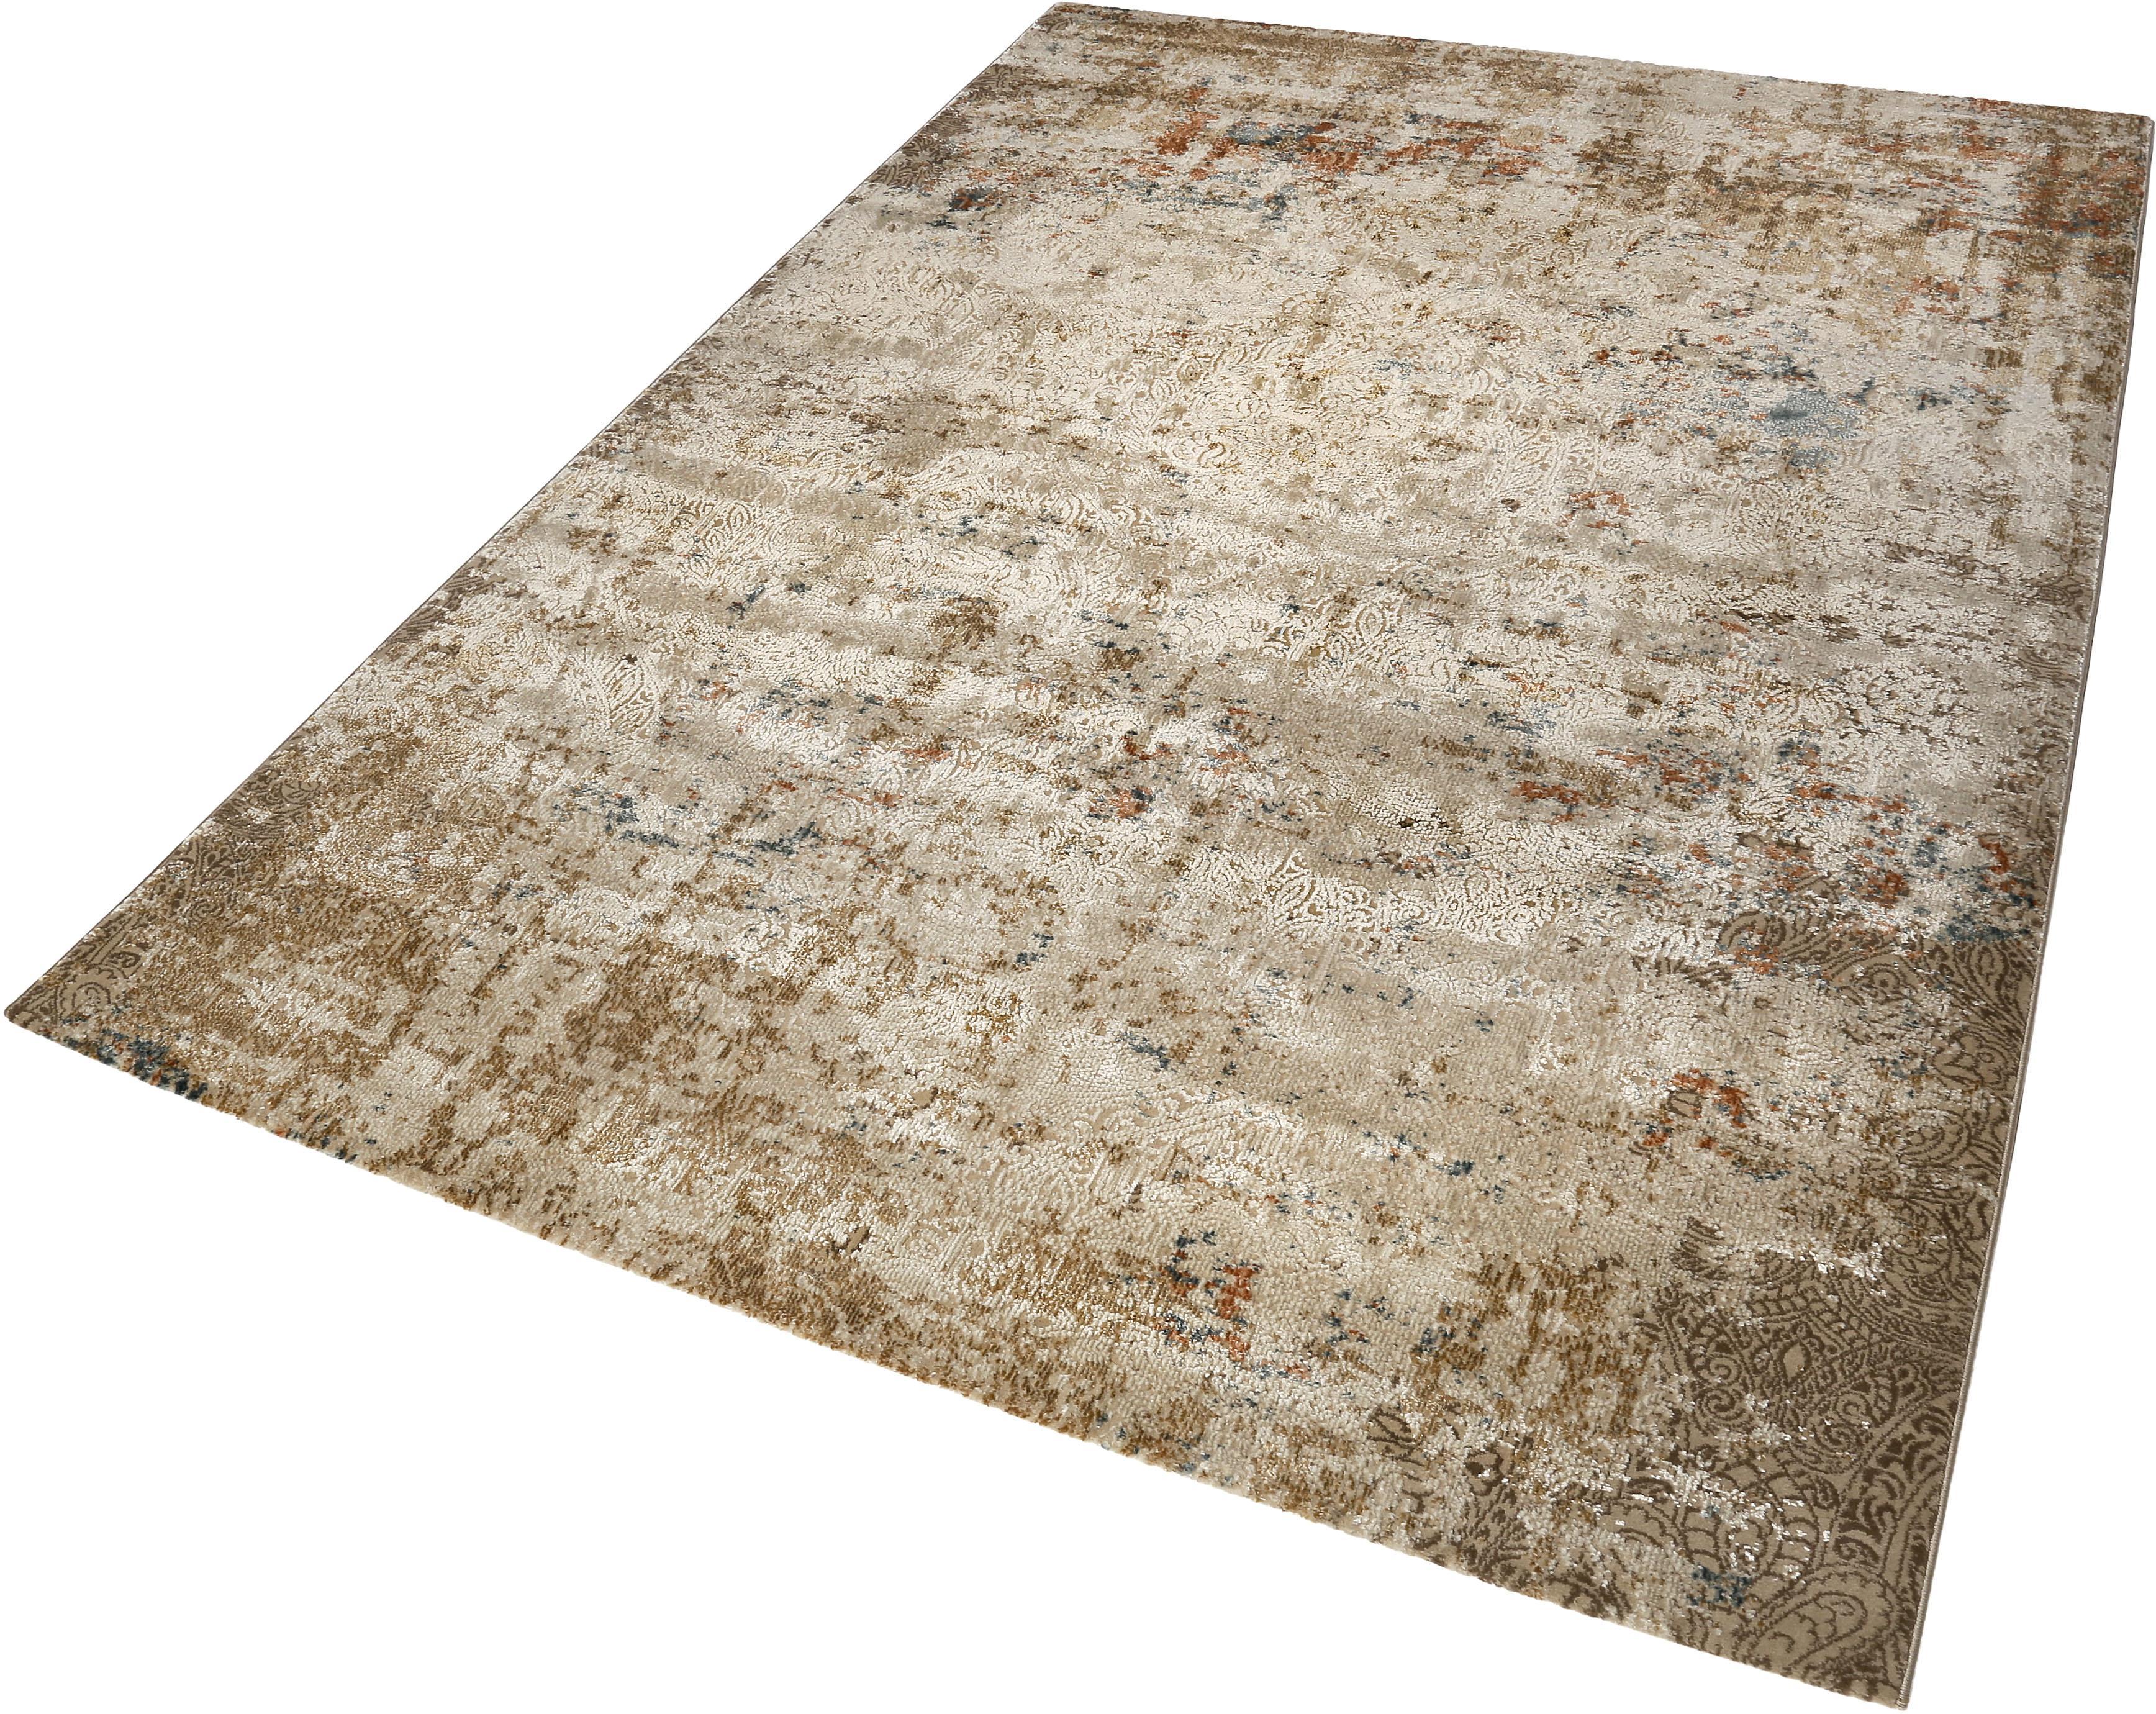 Teppich Baroque Vintage Wecon Home rechteckig Höhe 12 mm maschinell gewebt